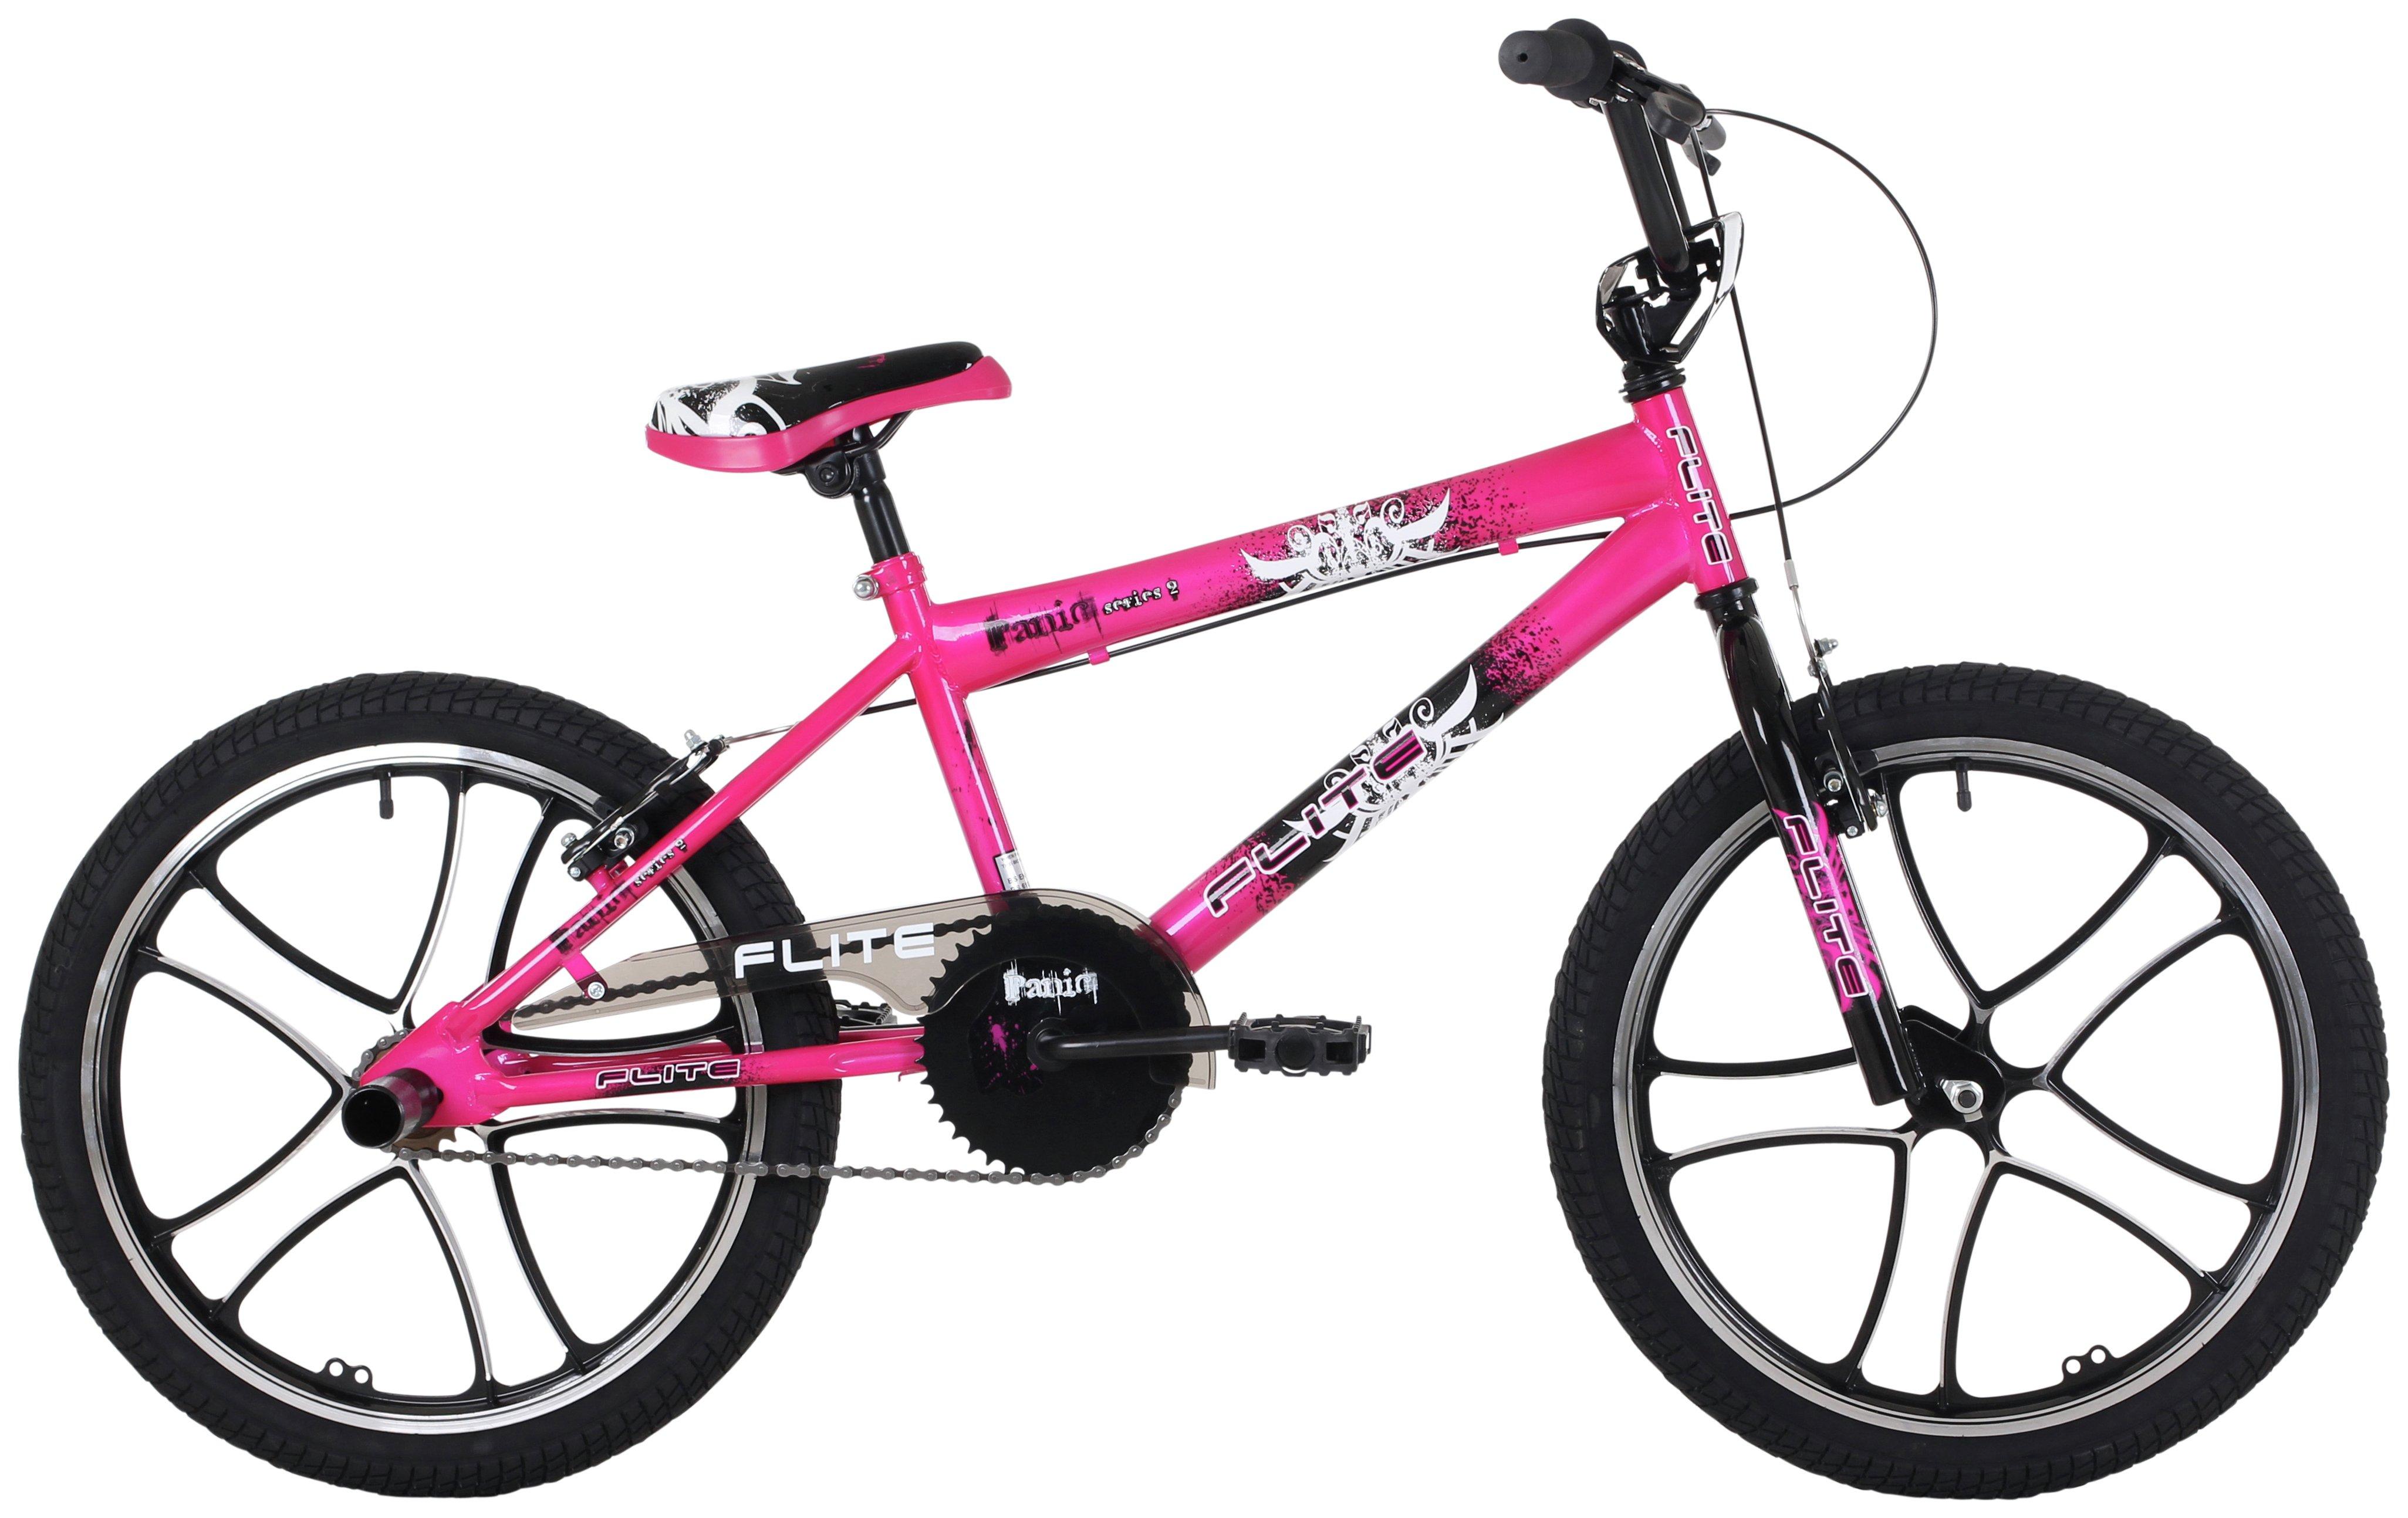 Image of Flite Panic 20 Inch Mag Wheel BMX Bike